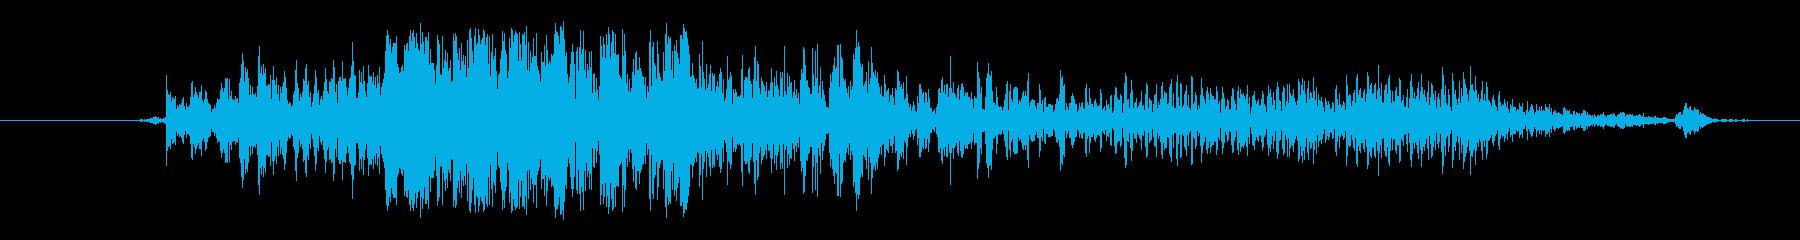 モンスター 窒息ゾンビ07の再生済みの波形